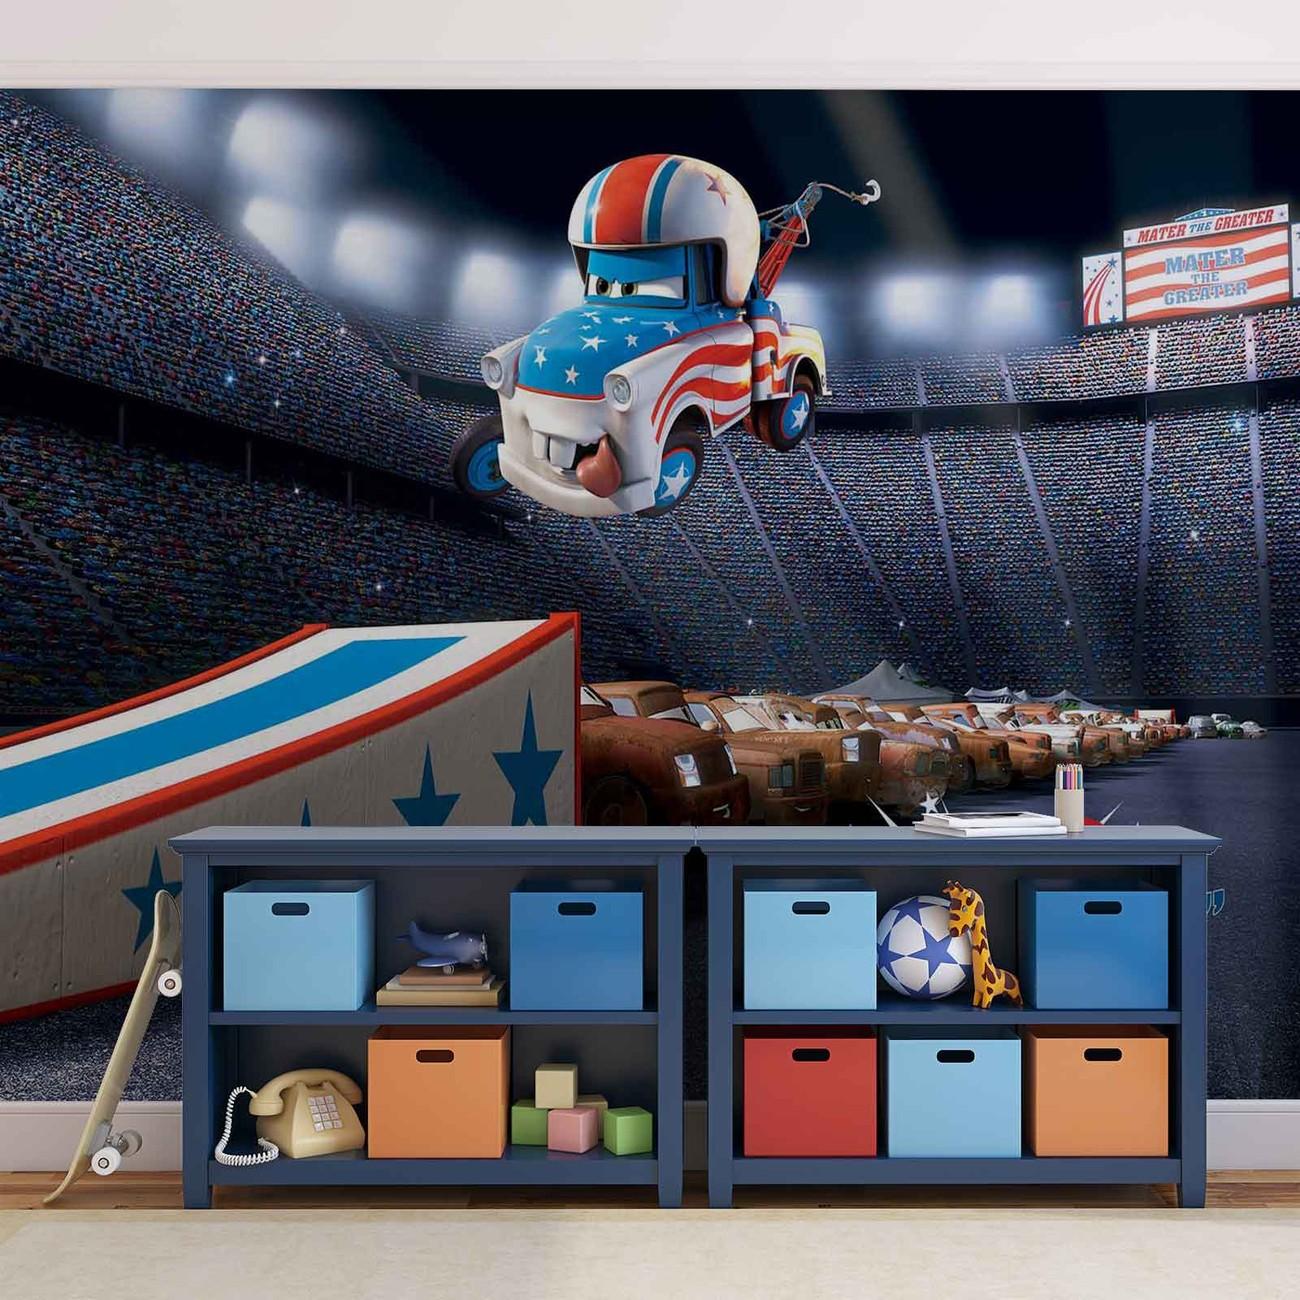 Disney cars wall paper mural buy at europosters for Disney cars mural